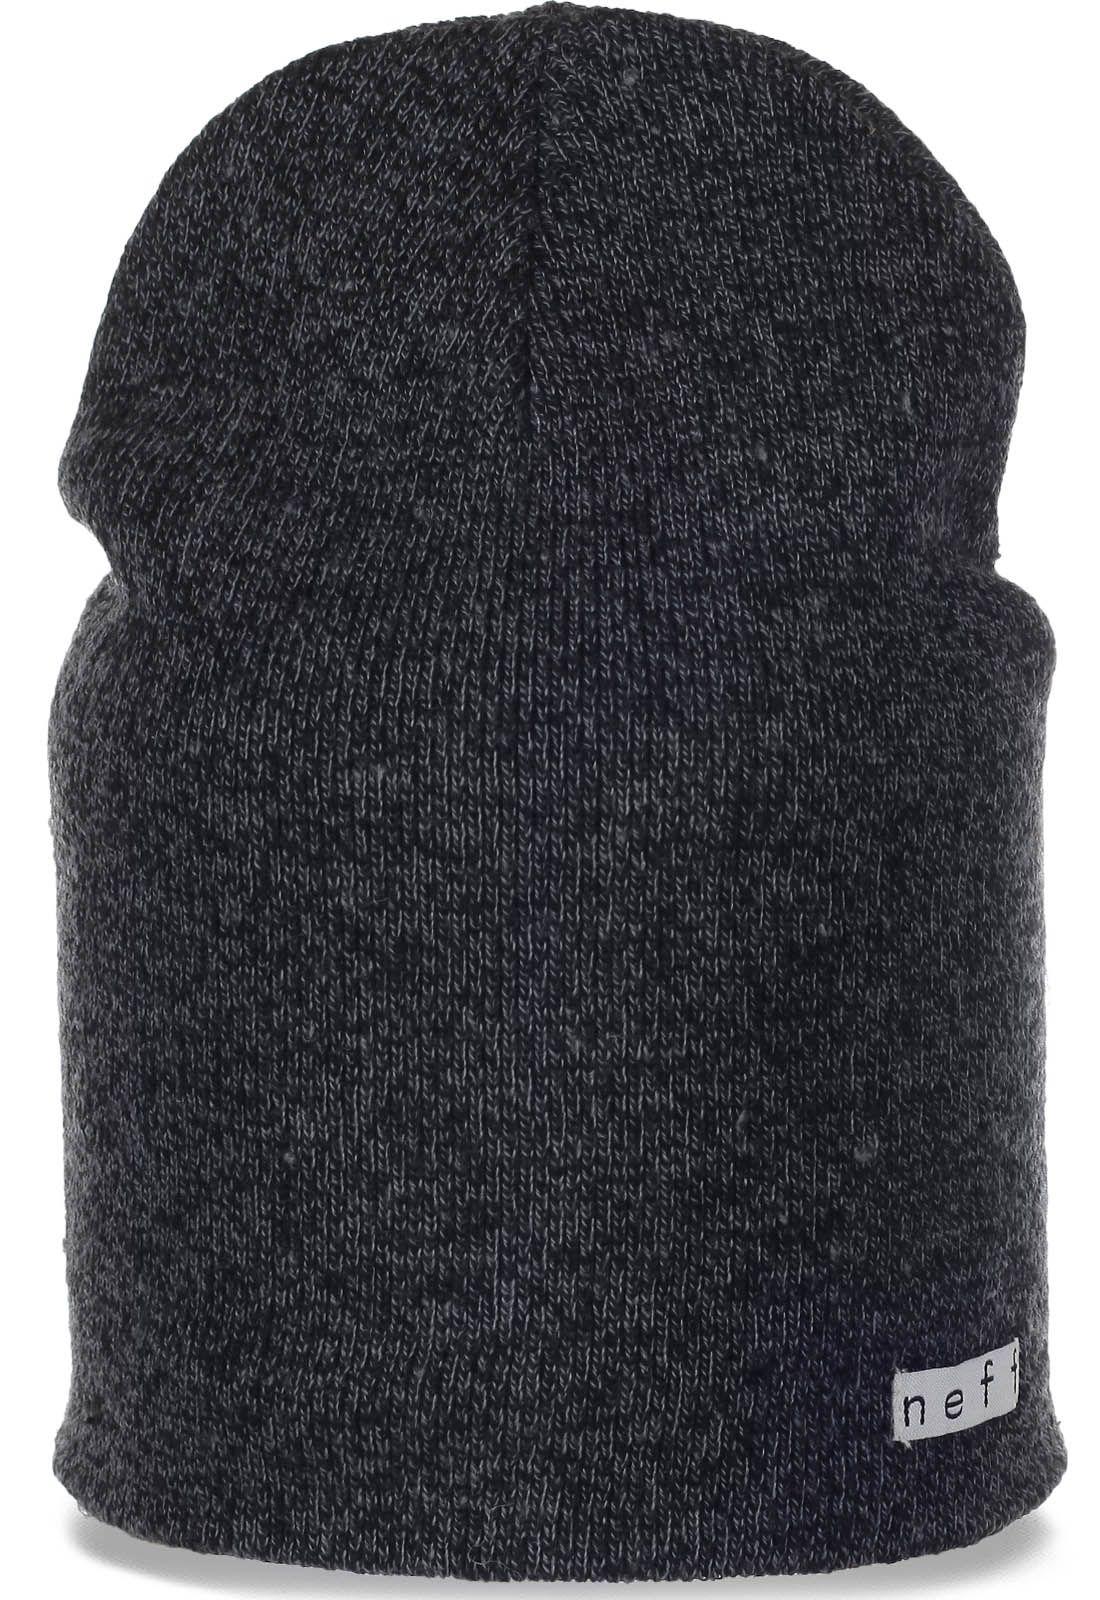 Стильная мужская шапочка-носок от Neff